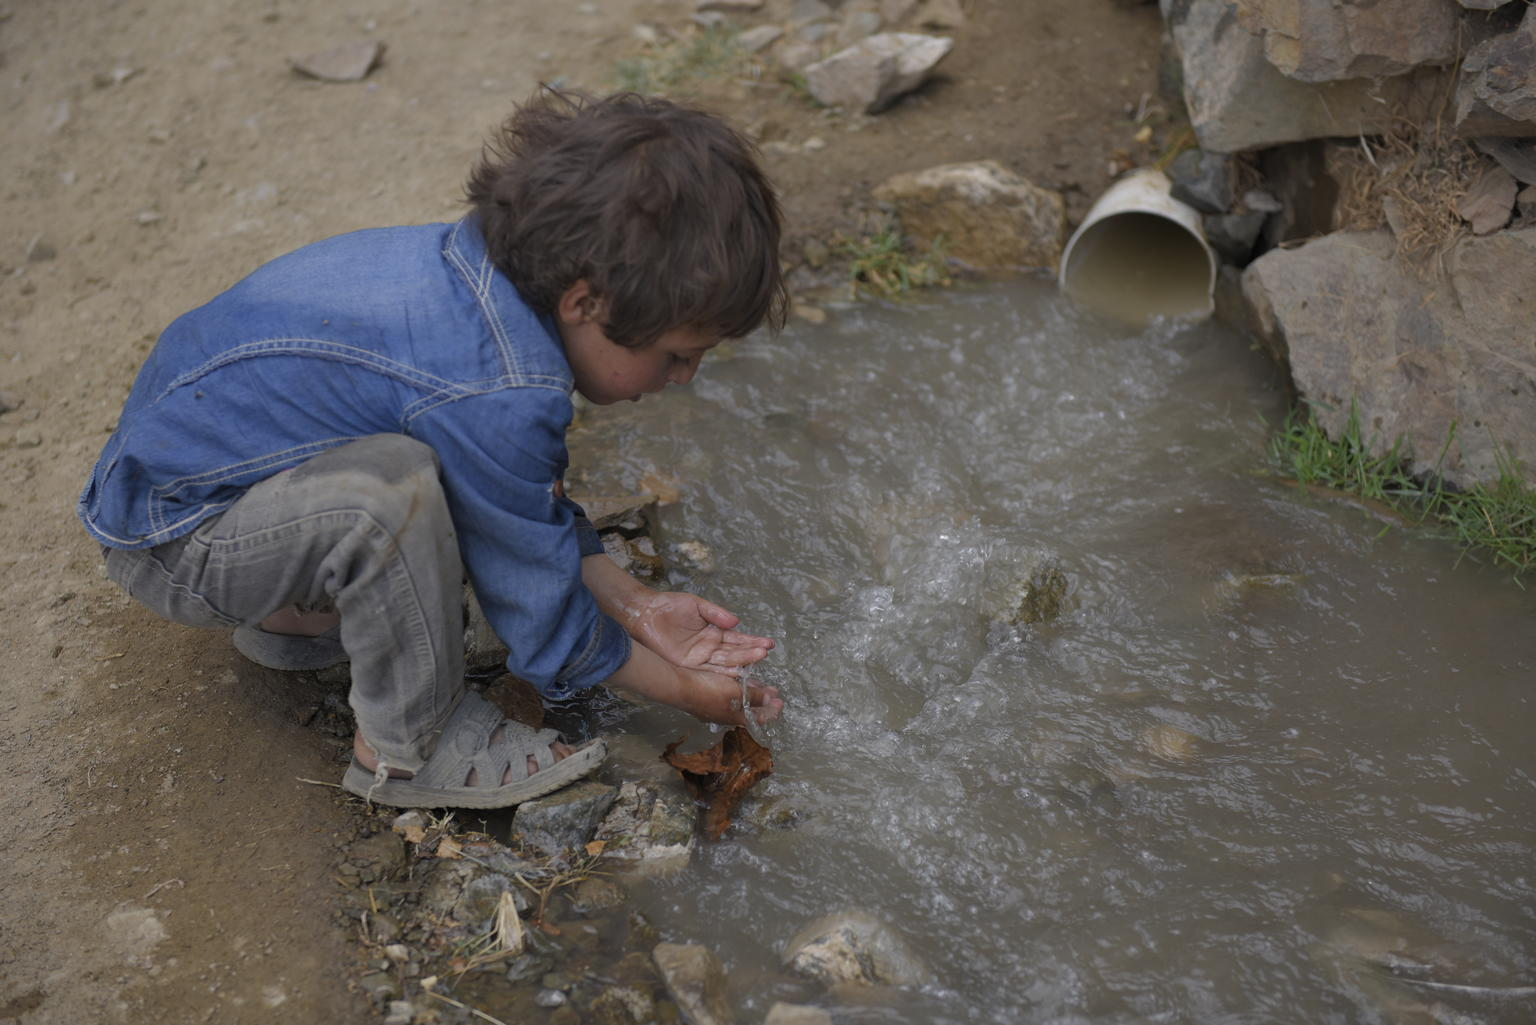 Le mardi 24 octobre 2017 : Un enfant se lave les mains dans l'eau non traitée provenant d'un tuyau d'égout...